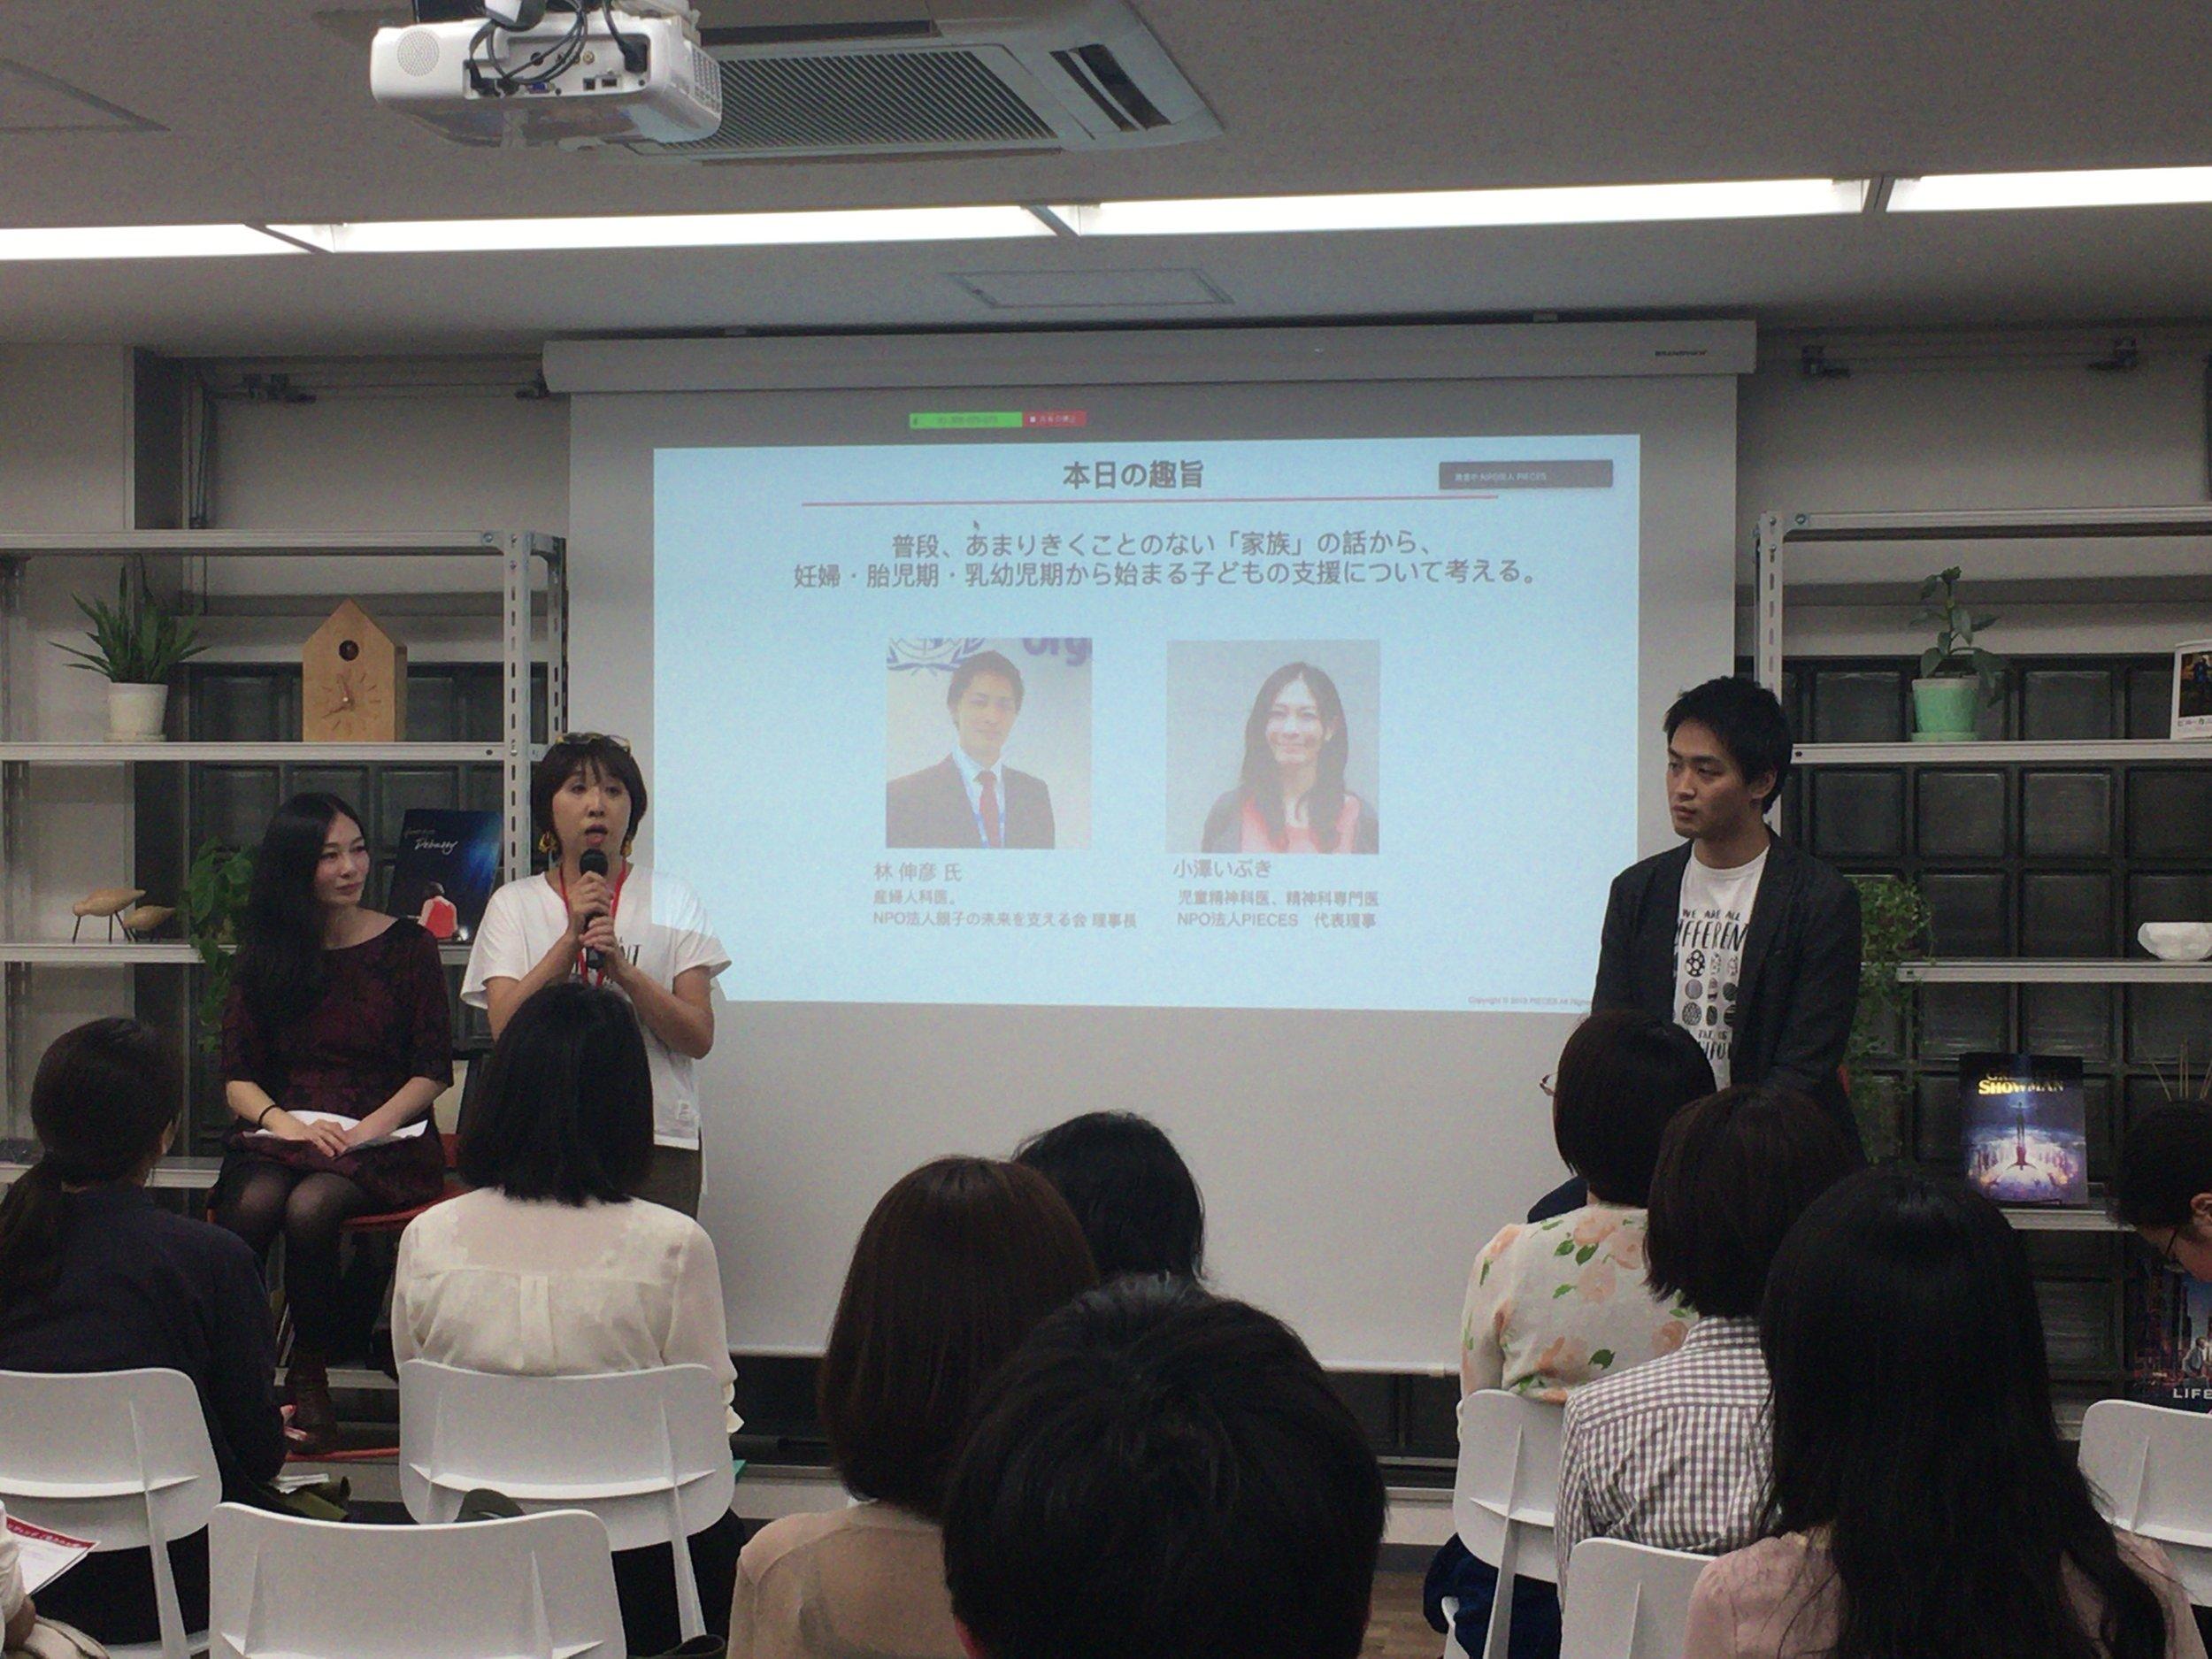 親子の未来を支える会の水戸川さん